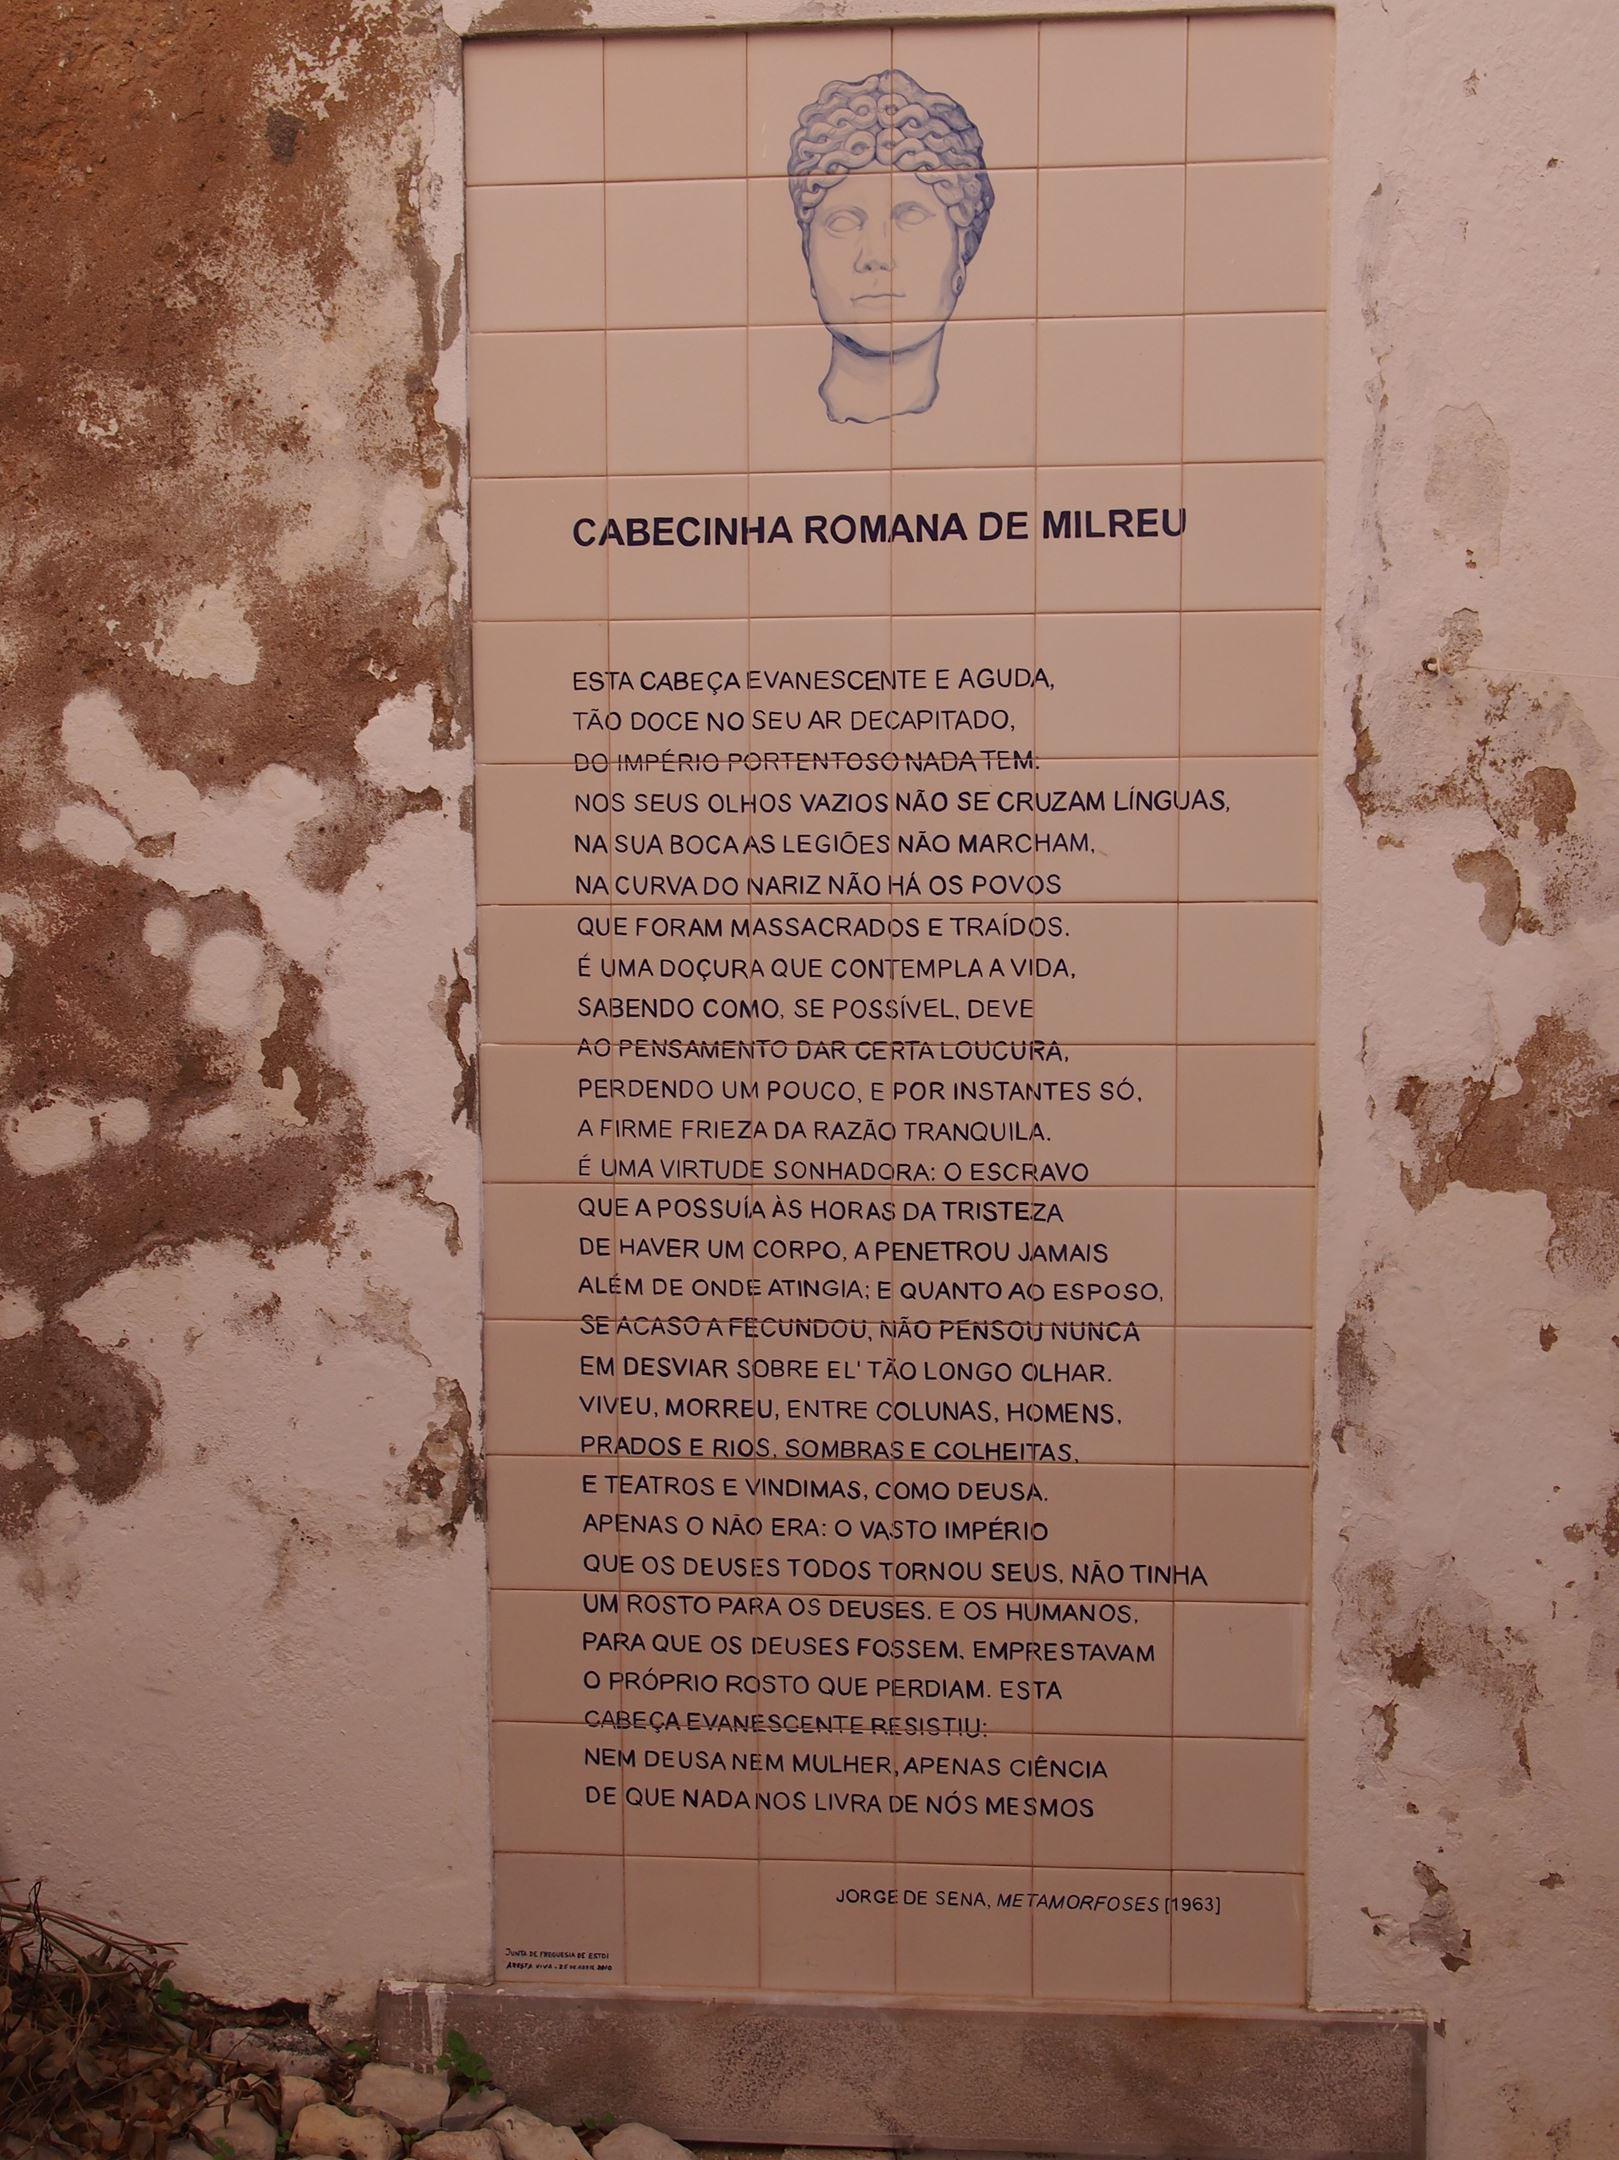 Jorge de Sena (1919-1978), Metamorfoses. Um dos grandes poetas mundiais.